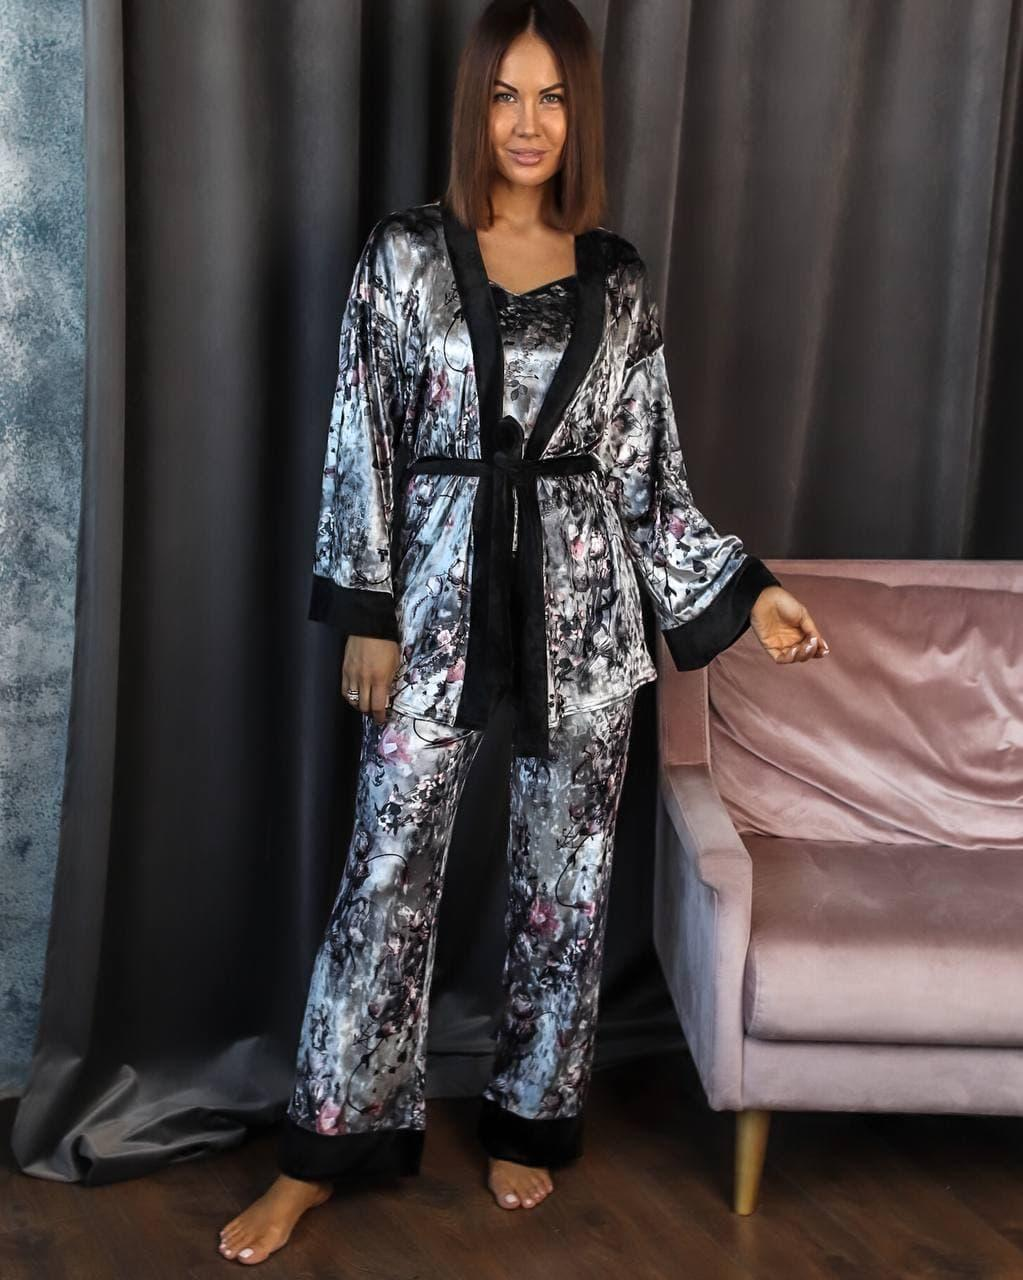 Спальный комплект женский халат майка штаны французский велюр размер:42-44,46-48,50-52,54-56.